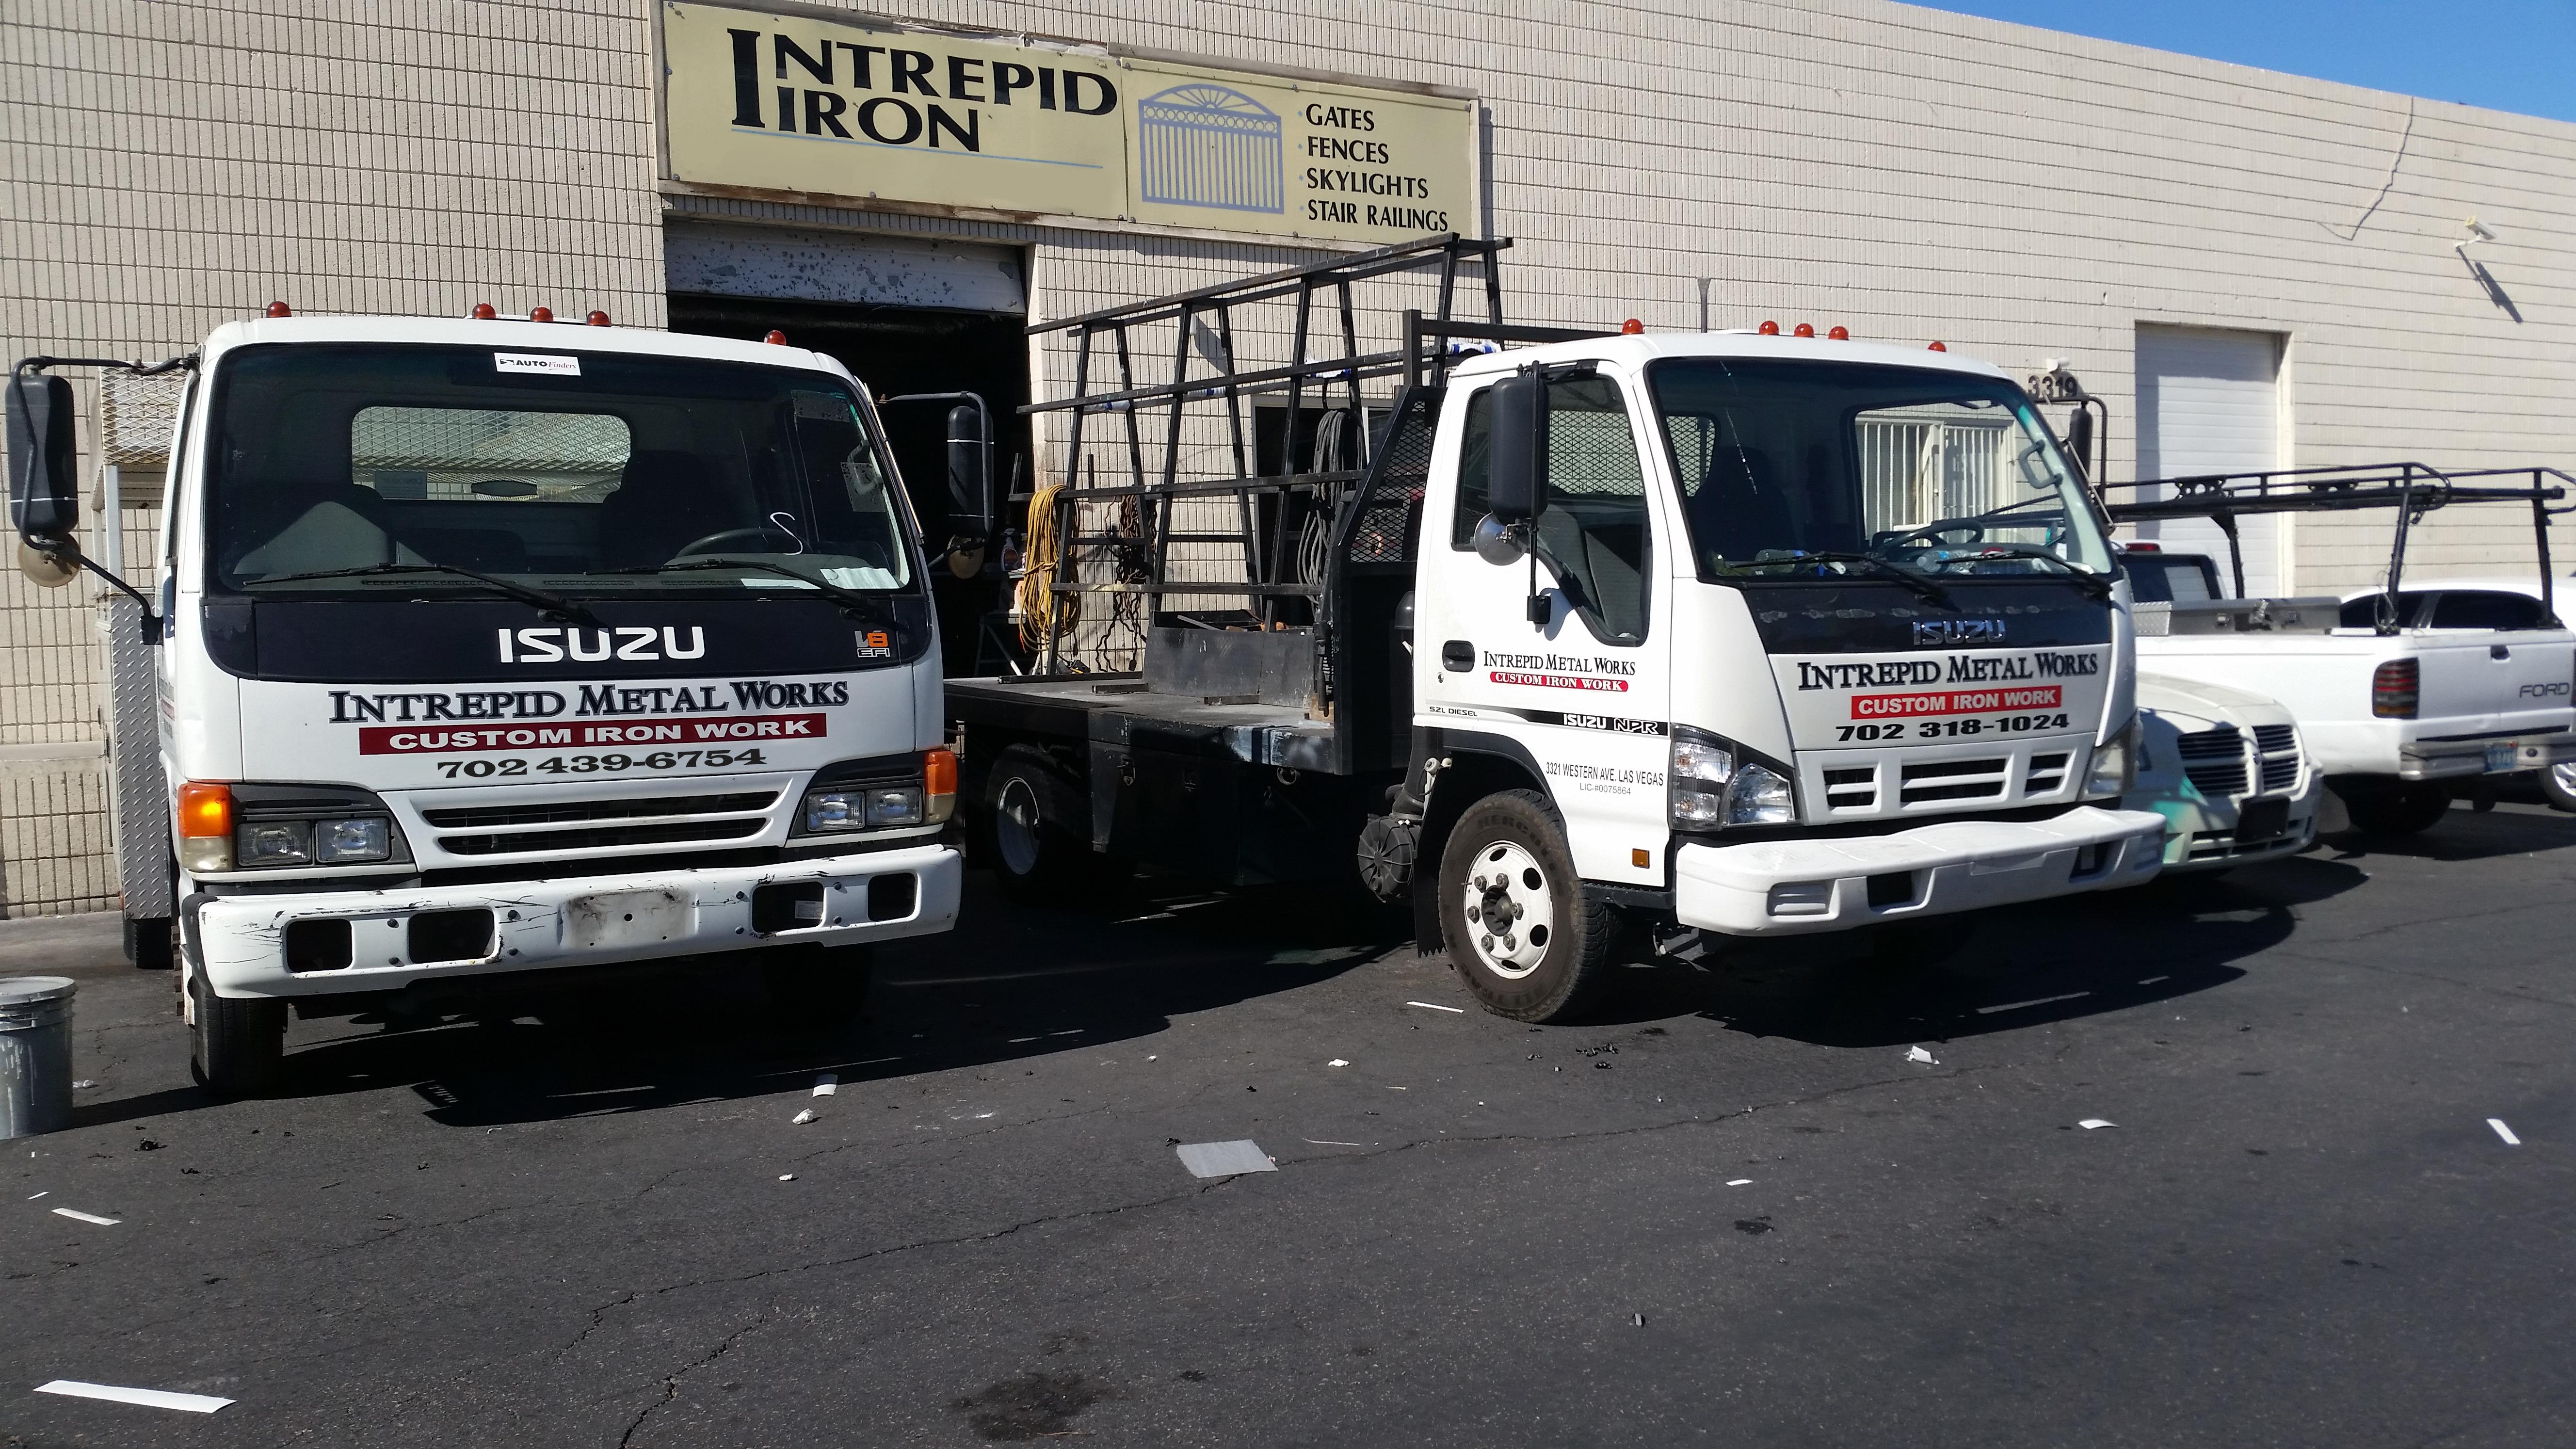 Intrepid Metal Works Inc.